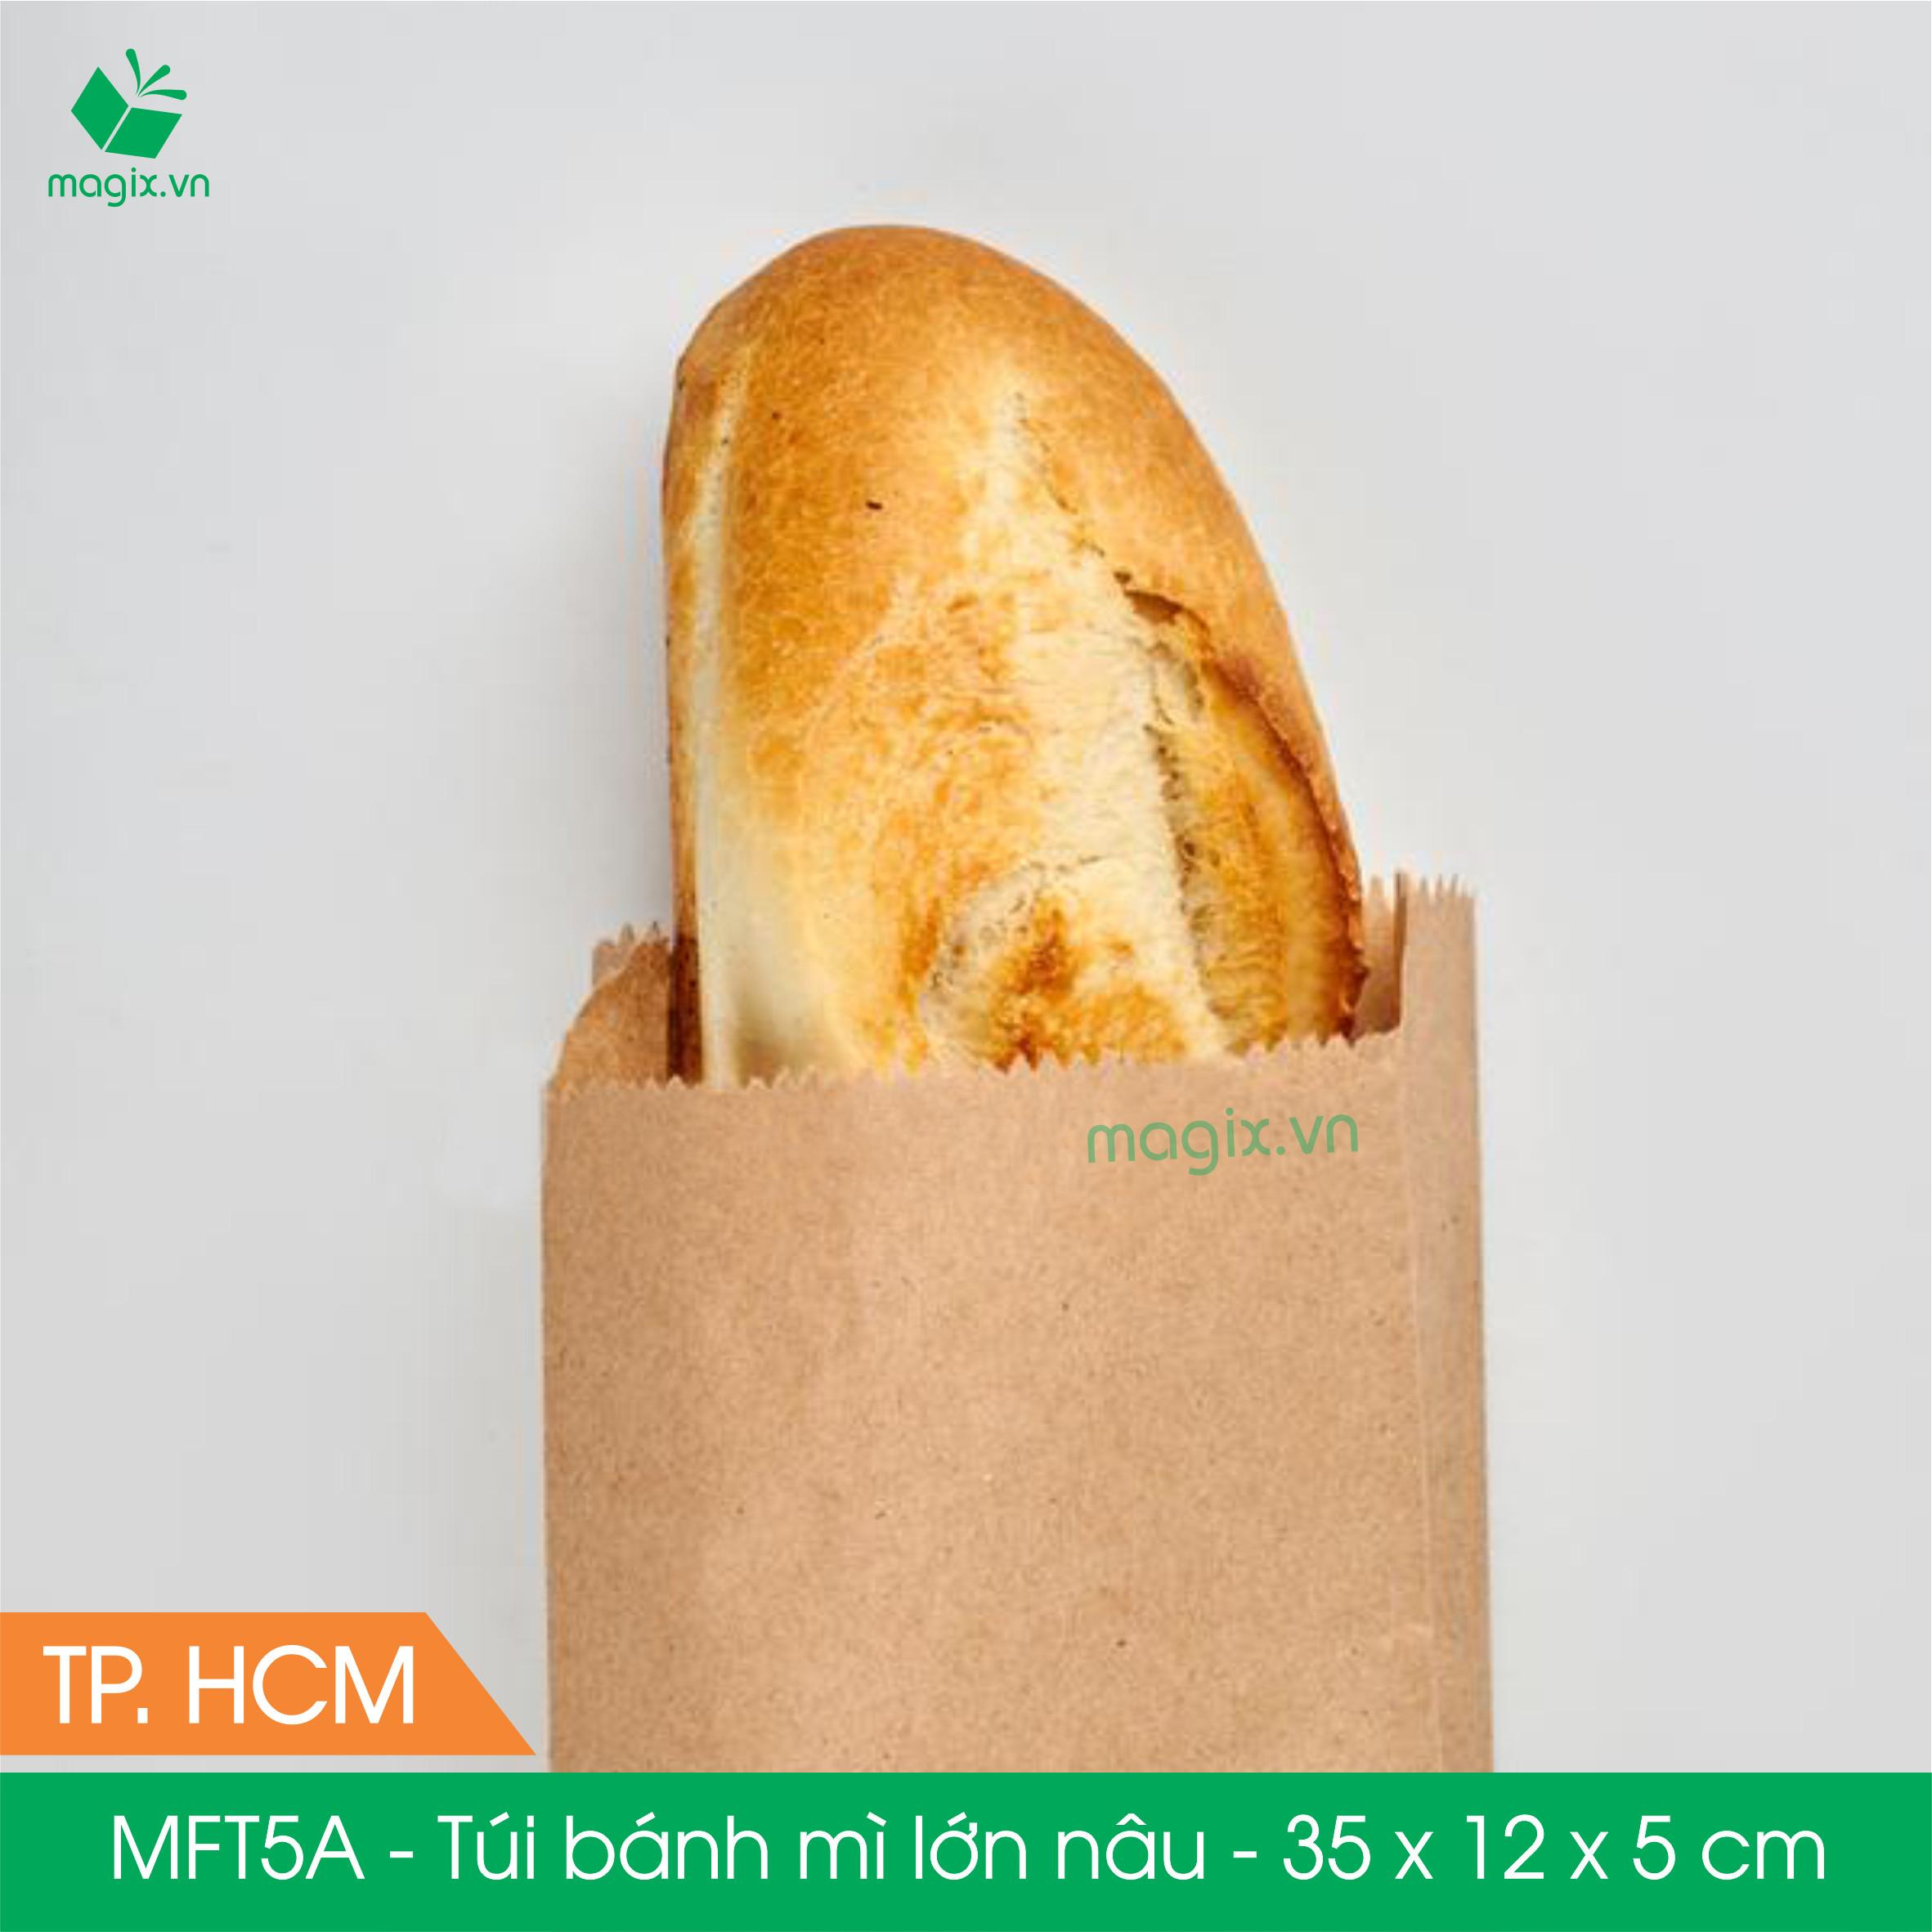 MFT5A- 35x12x5 cm - 500 Túi đựng thực phẩm - Túi đựng đồ ăn